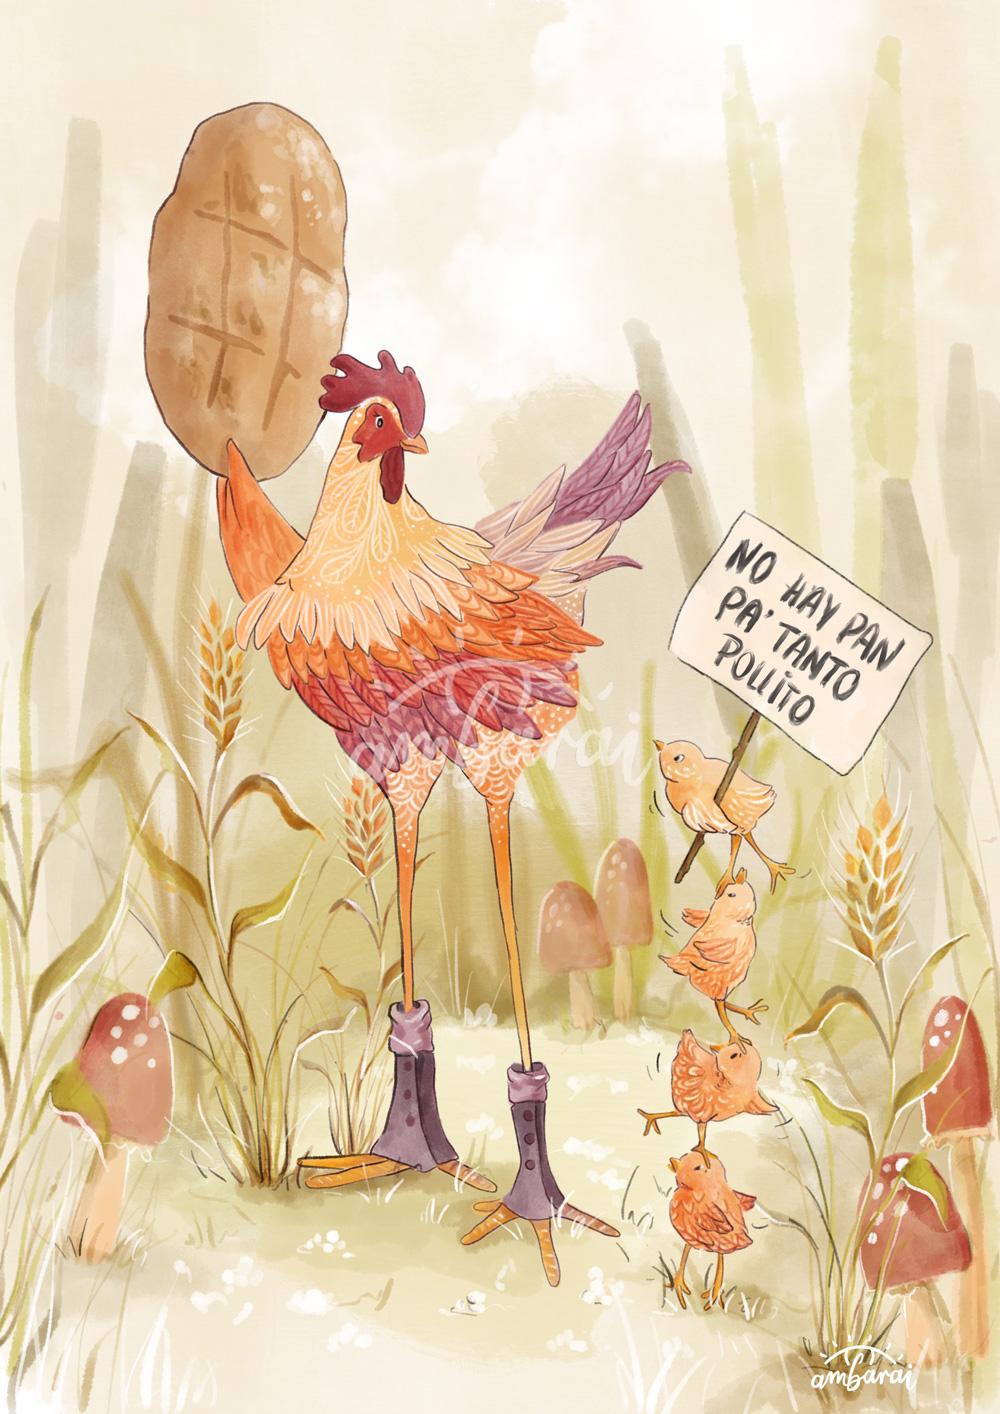 Ilustración para libros. Ilustración para el cuento de la gallina Marcelina